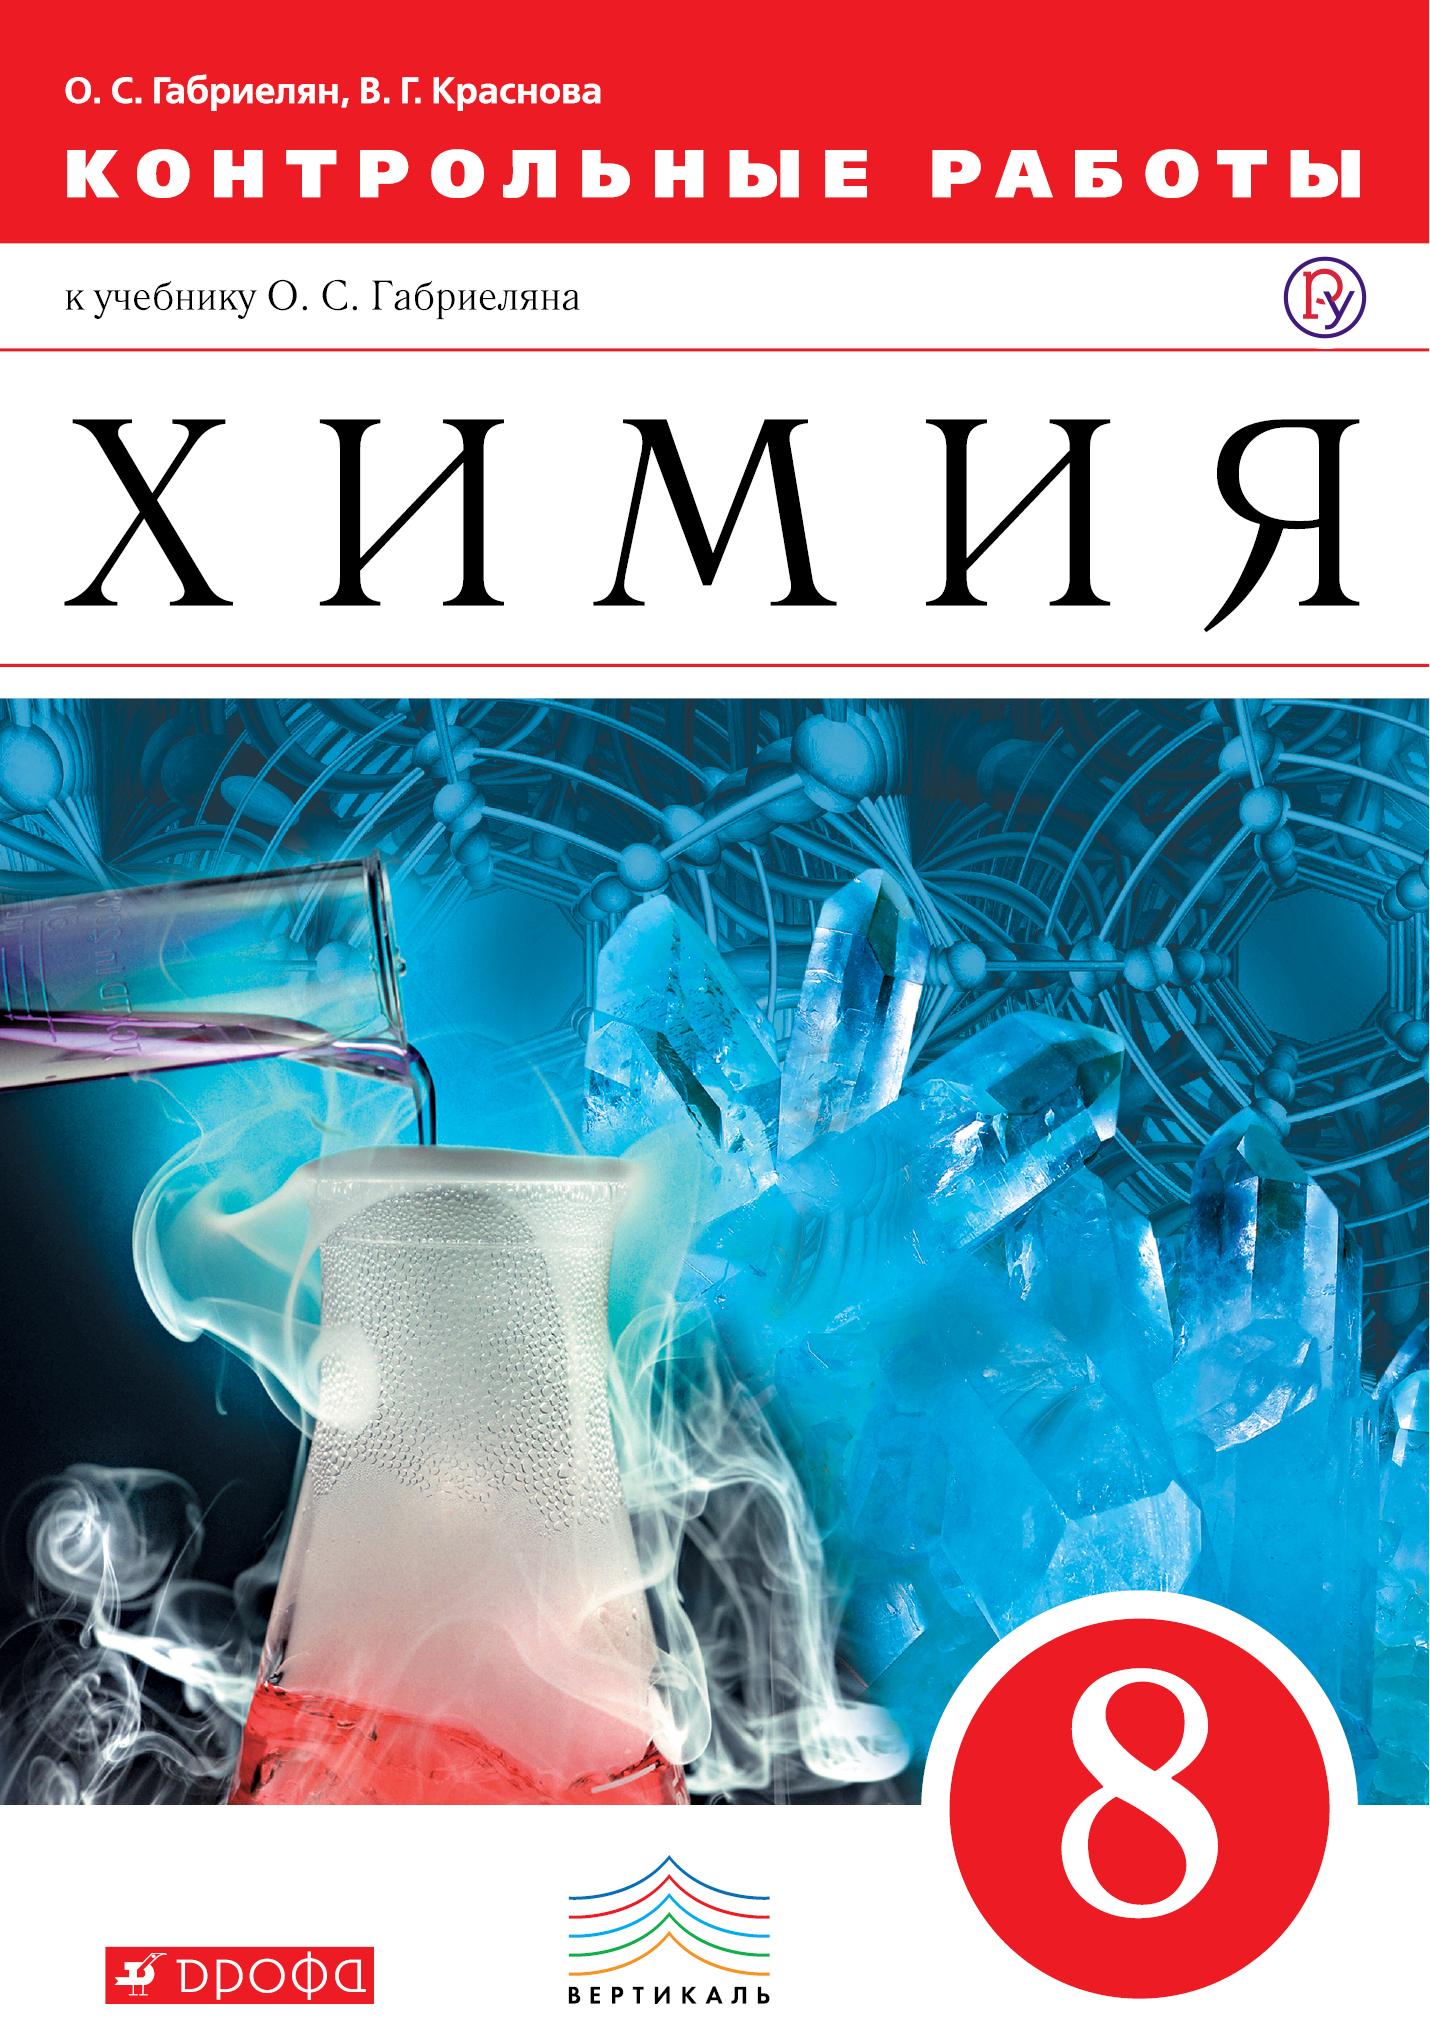 Габриелян О.С., Краснова В.Г. Химия. 8 класс. Контрольные работы ISBN: 978-5-358-18613-2